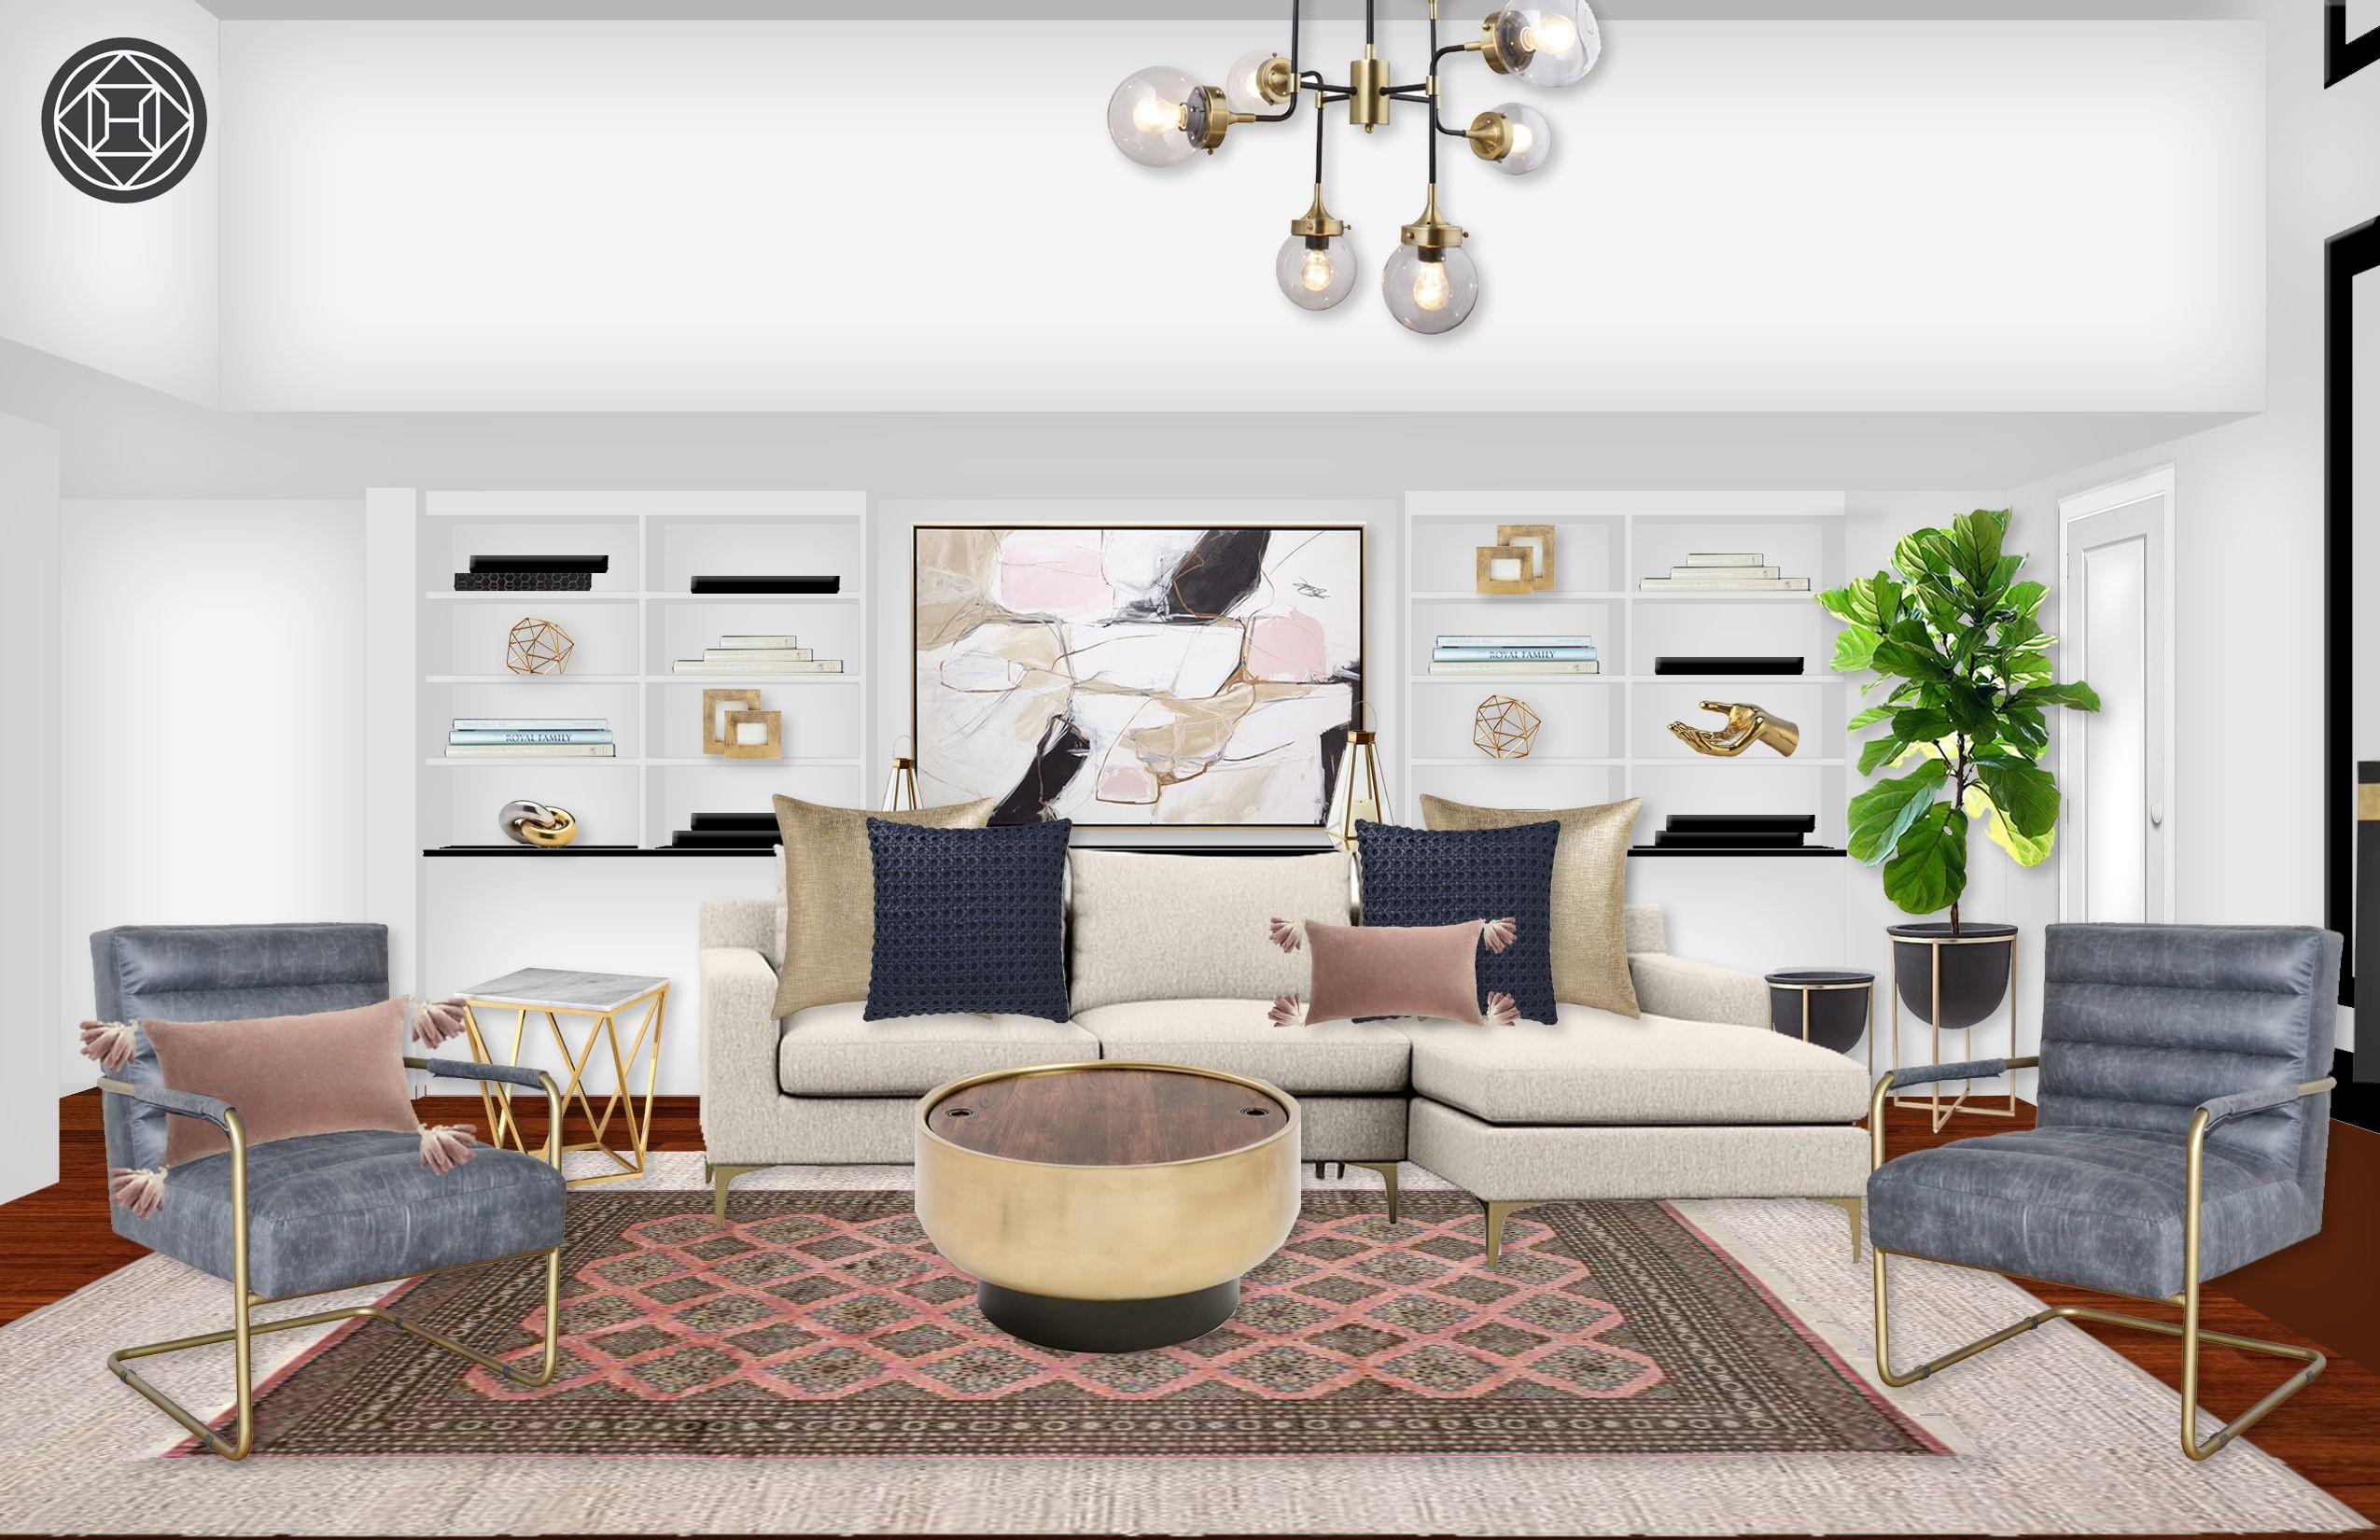 Midcentury Modern Living Room Design By Havenly Interior Designer